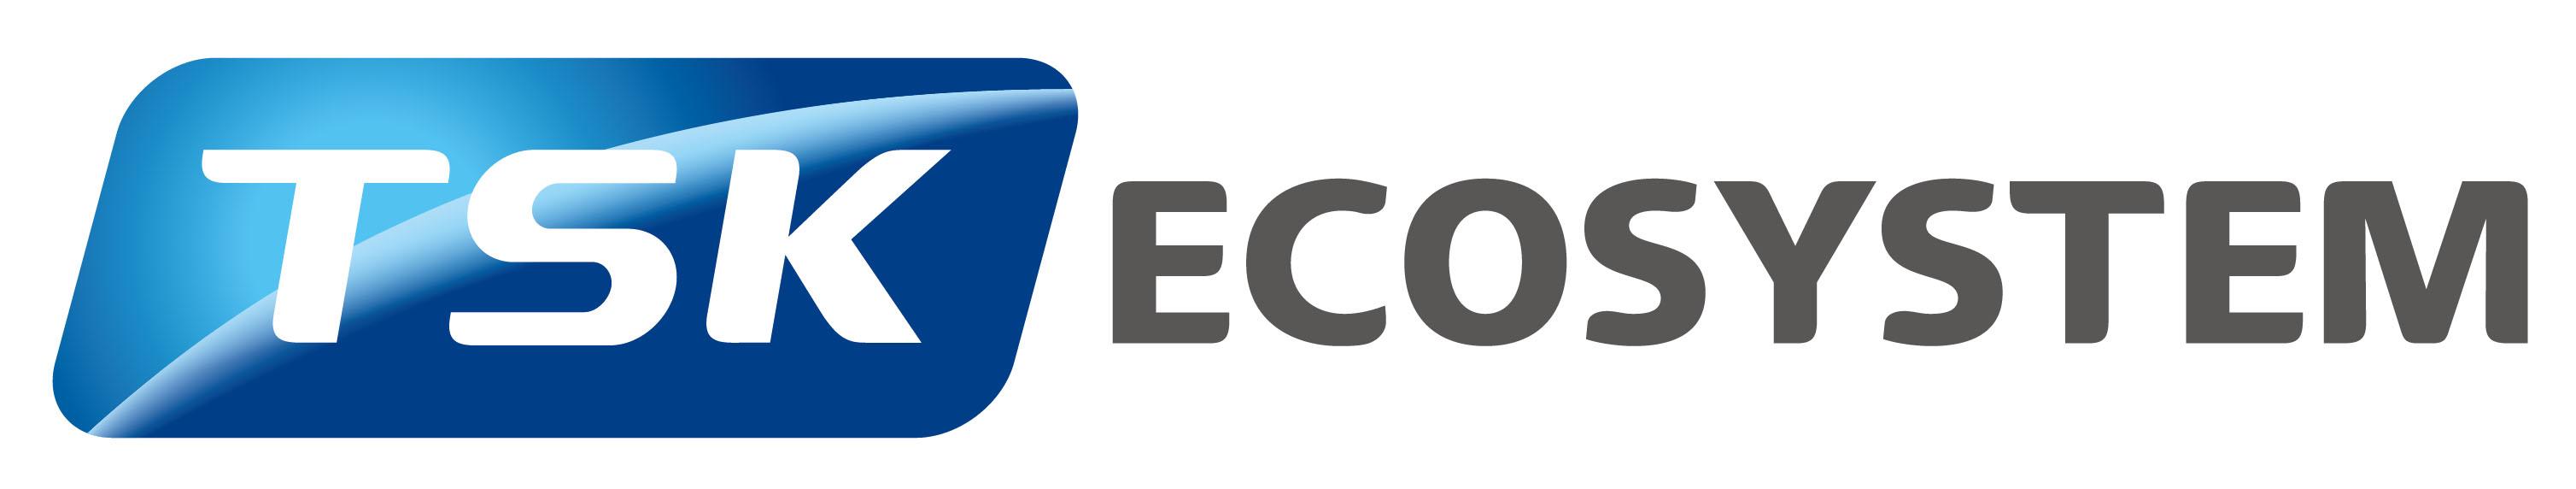 에코시스템(주)의 기업로고